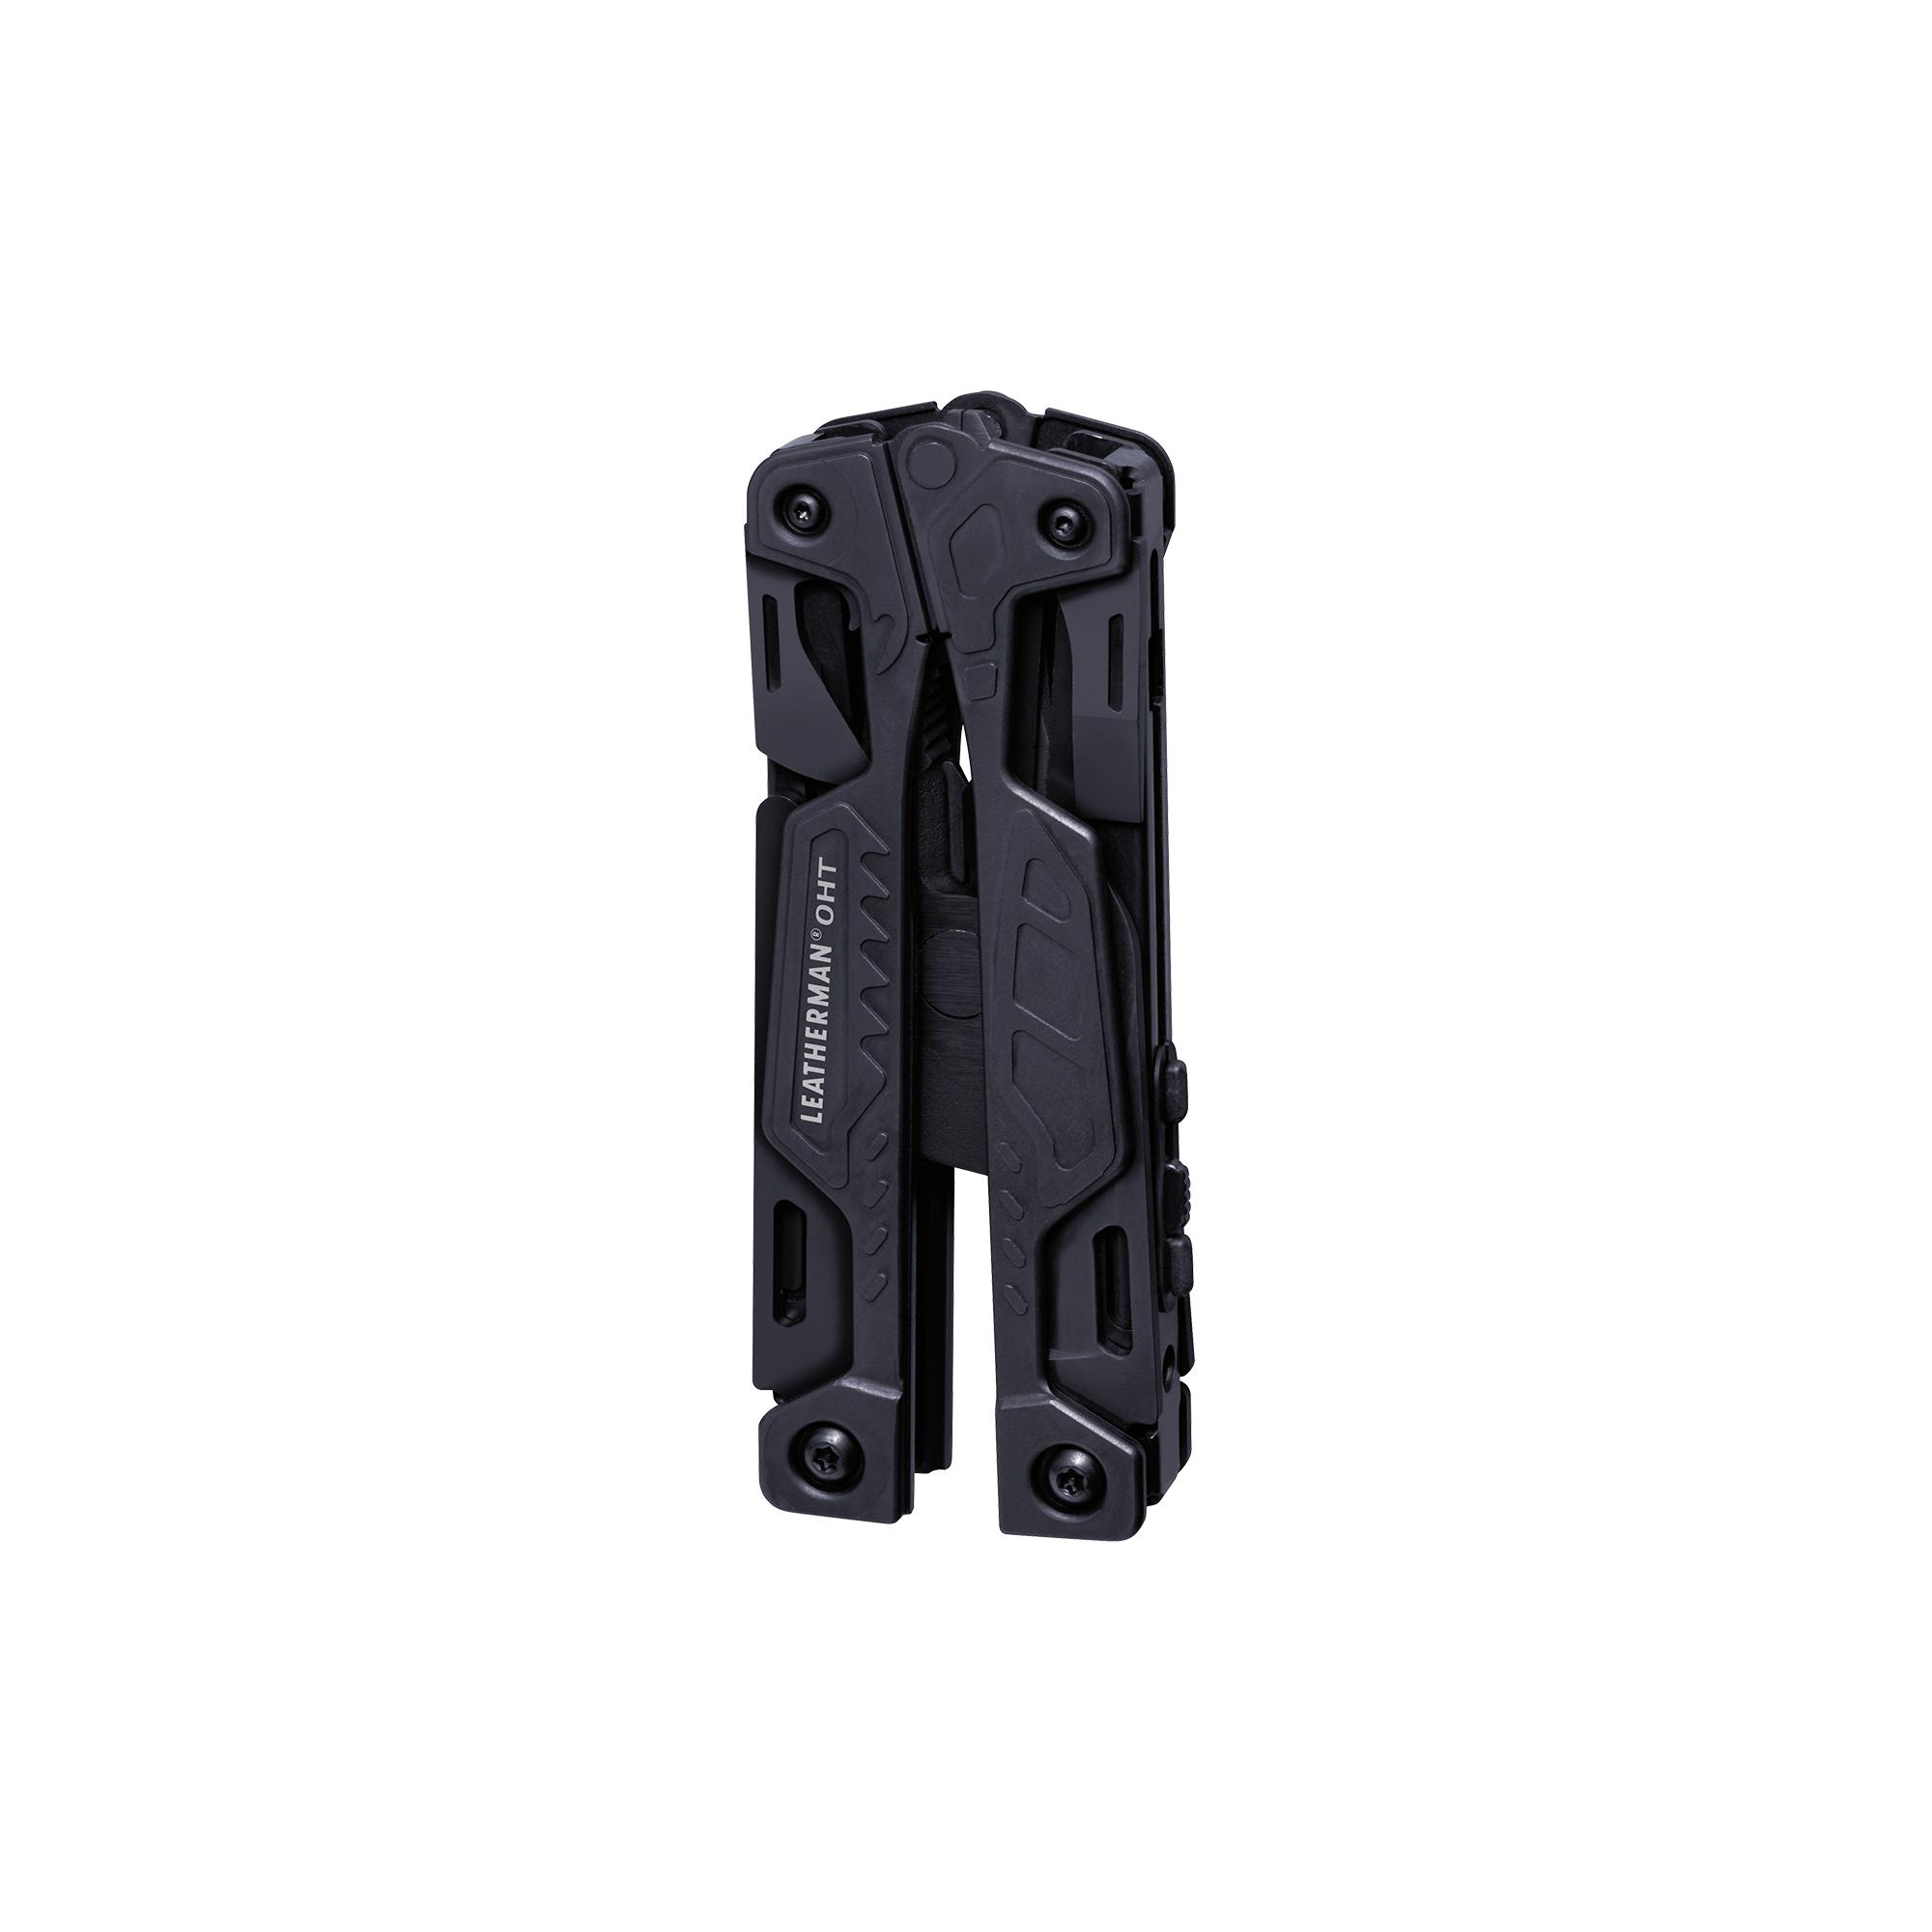 Leatherman OHT multi-tool, black, 16 tools, closed view